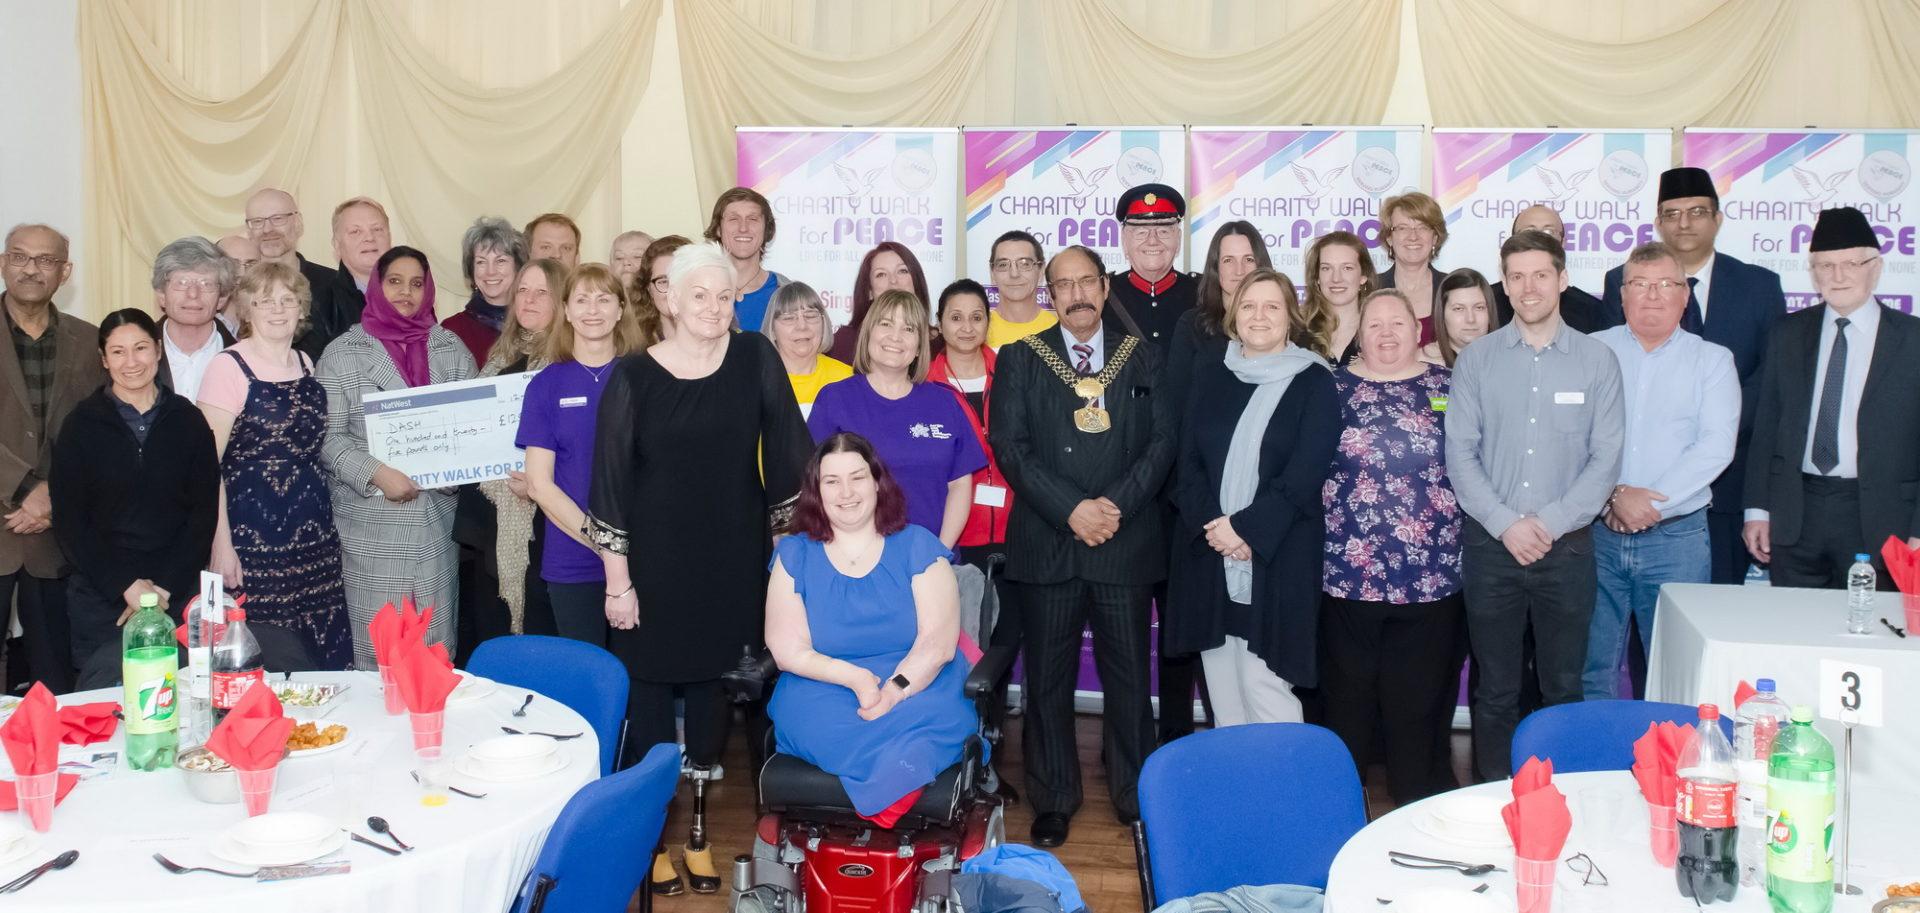 Pre Charity Walk For Peace 2019 Reception – Bradford